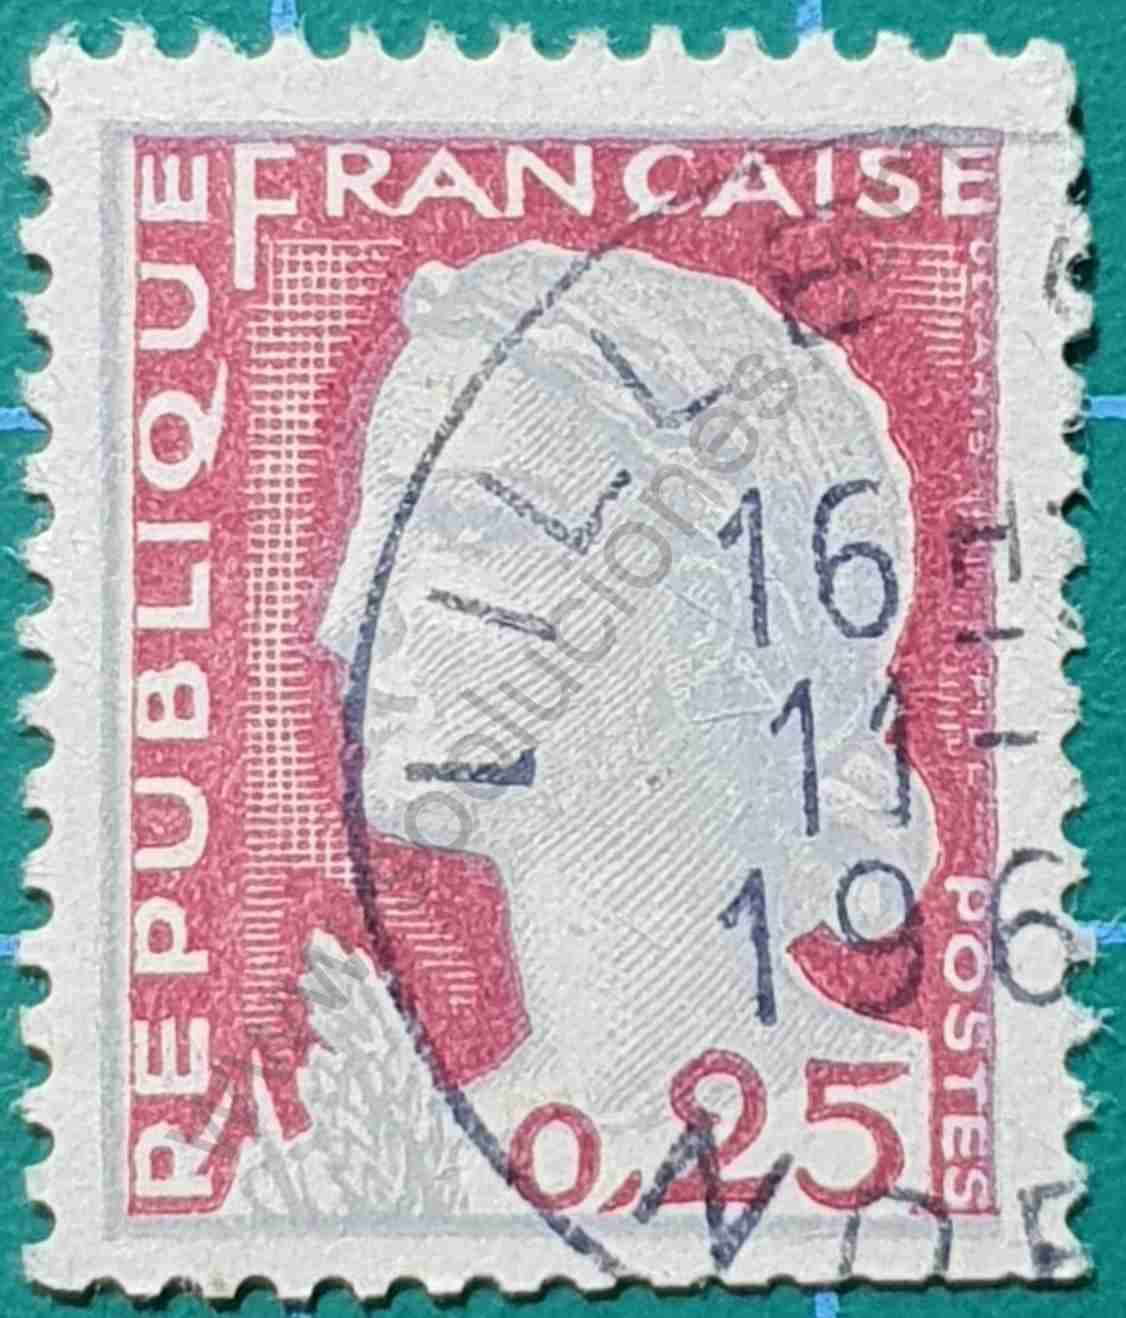 Marianne Decaris - Sello Francia 1960